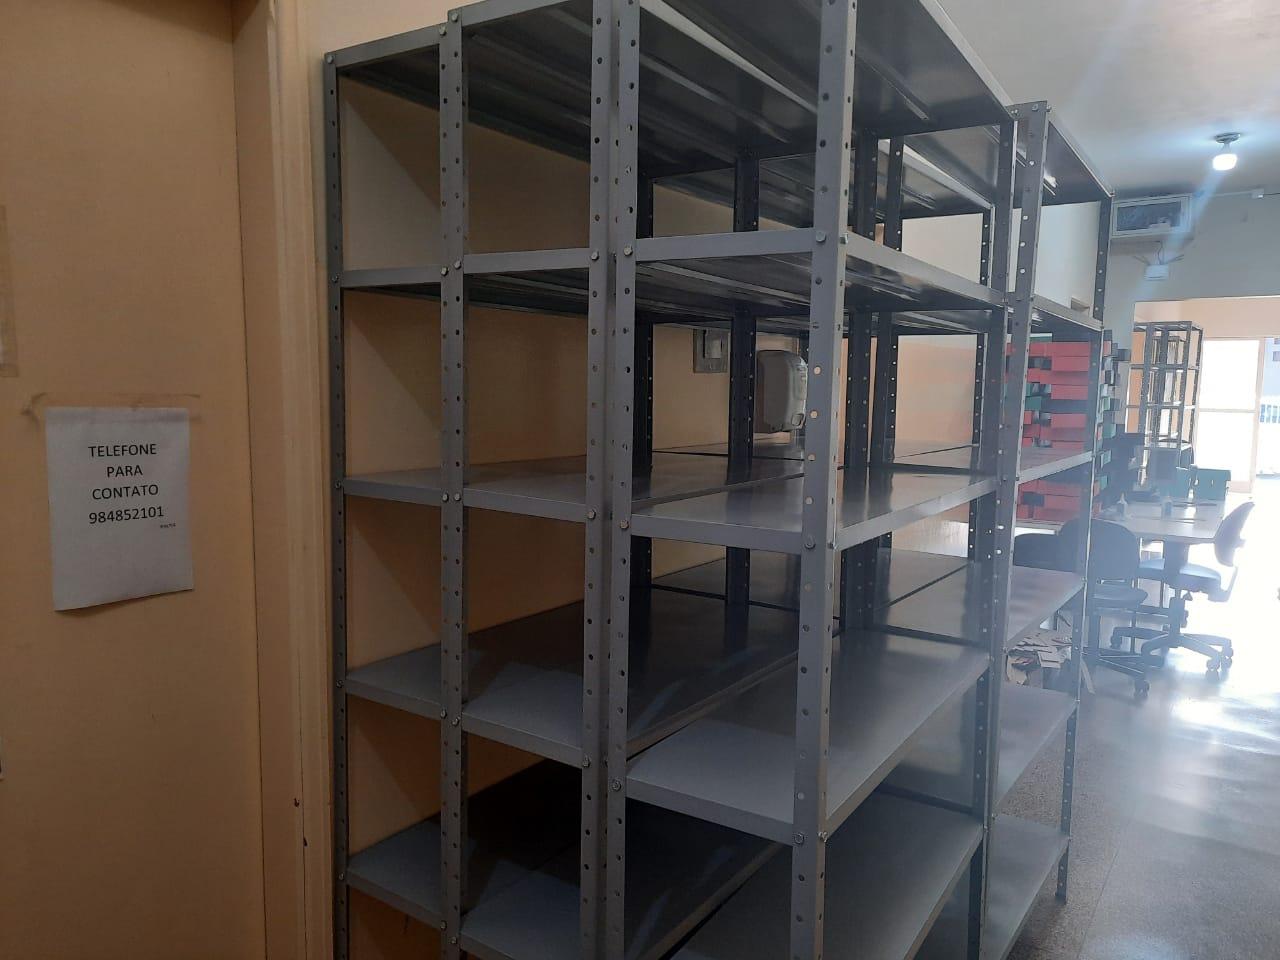 Aquisição de armários de aço, roupeiros e outros materiais de escritório.